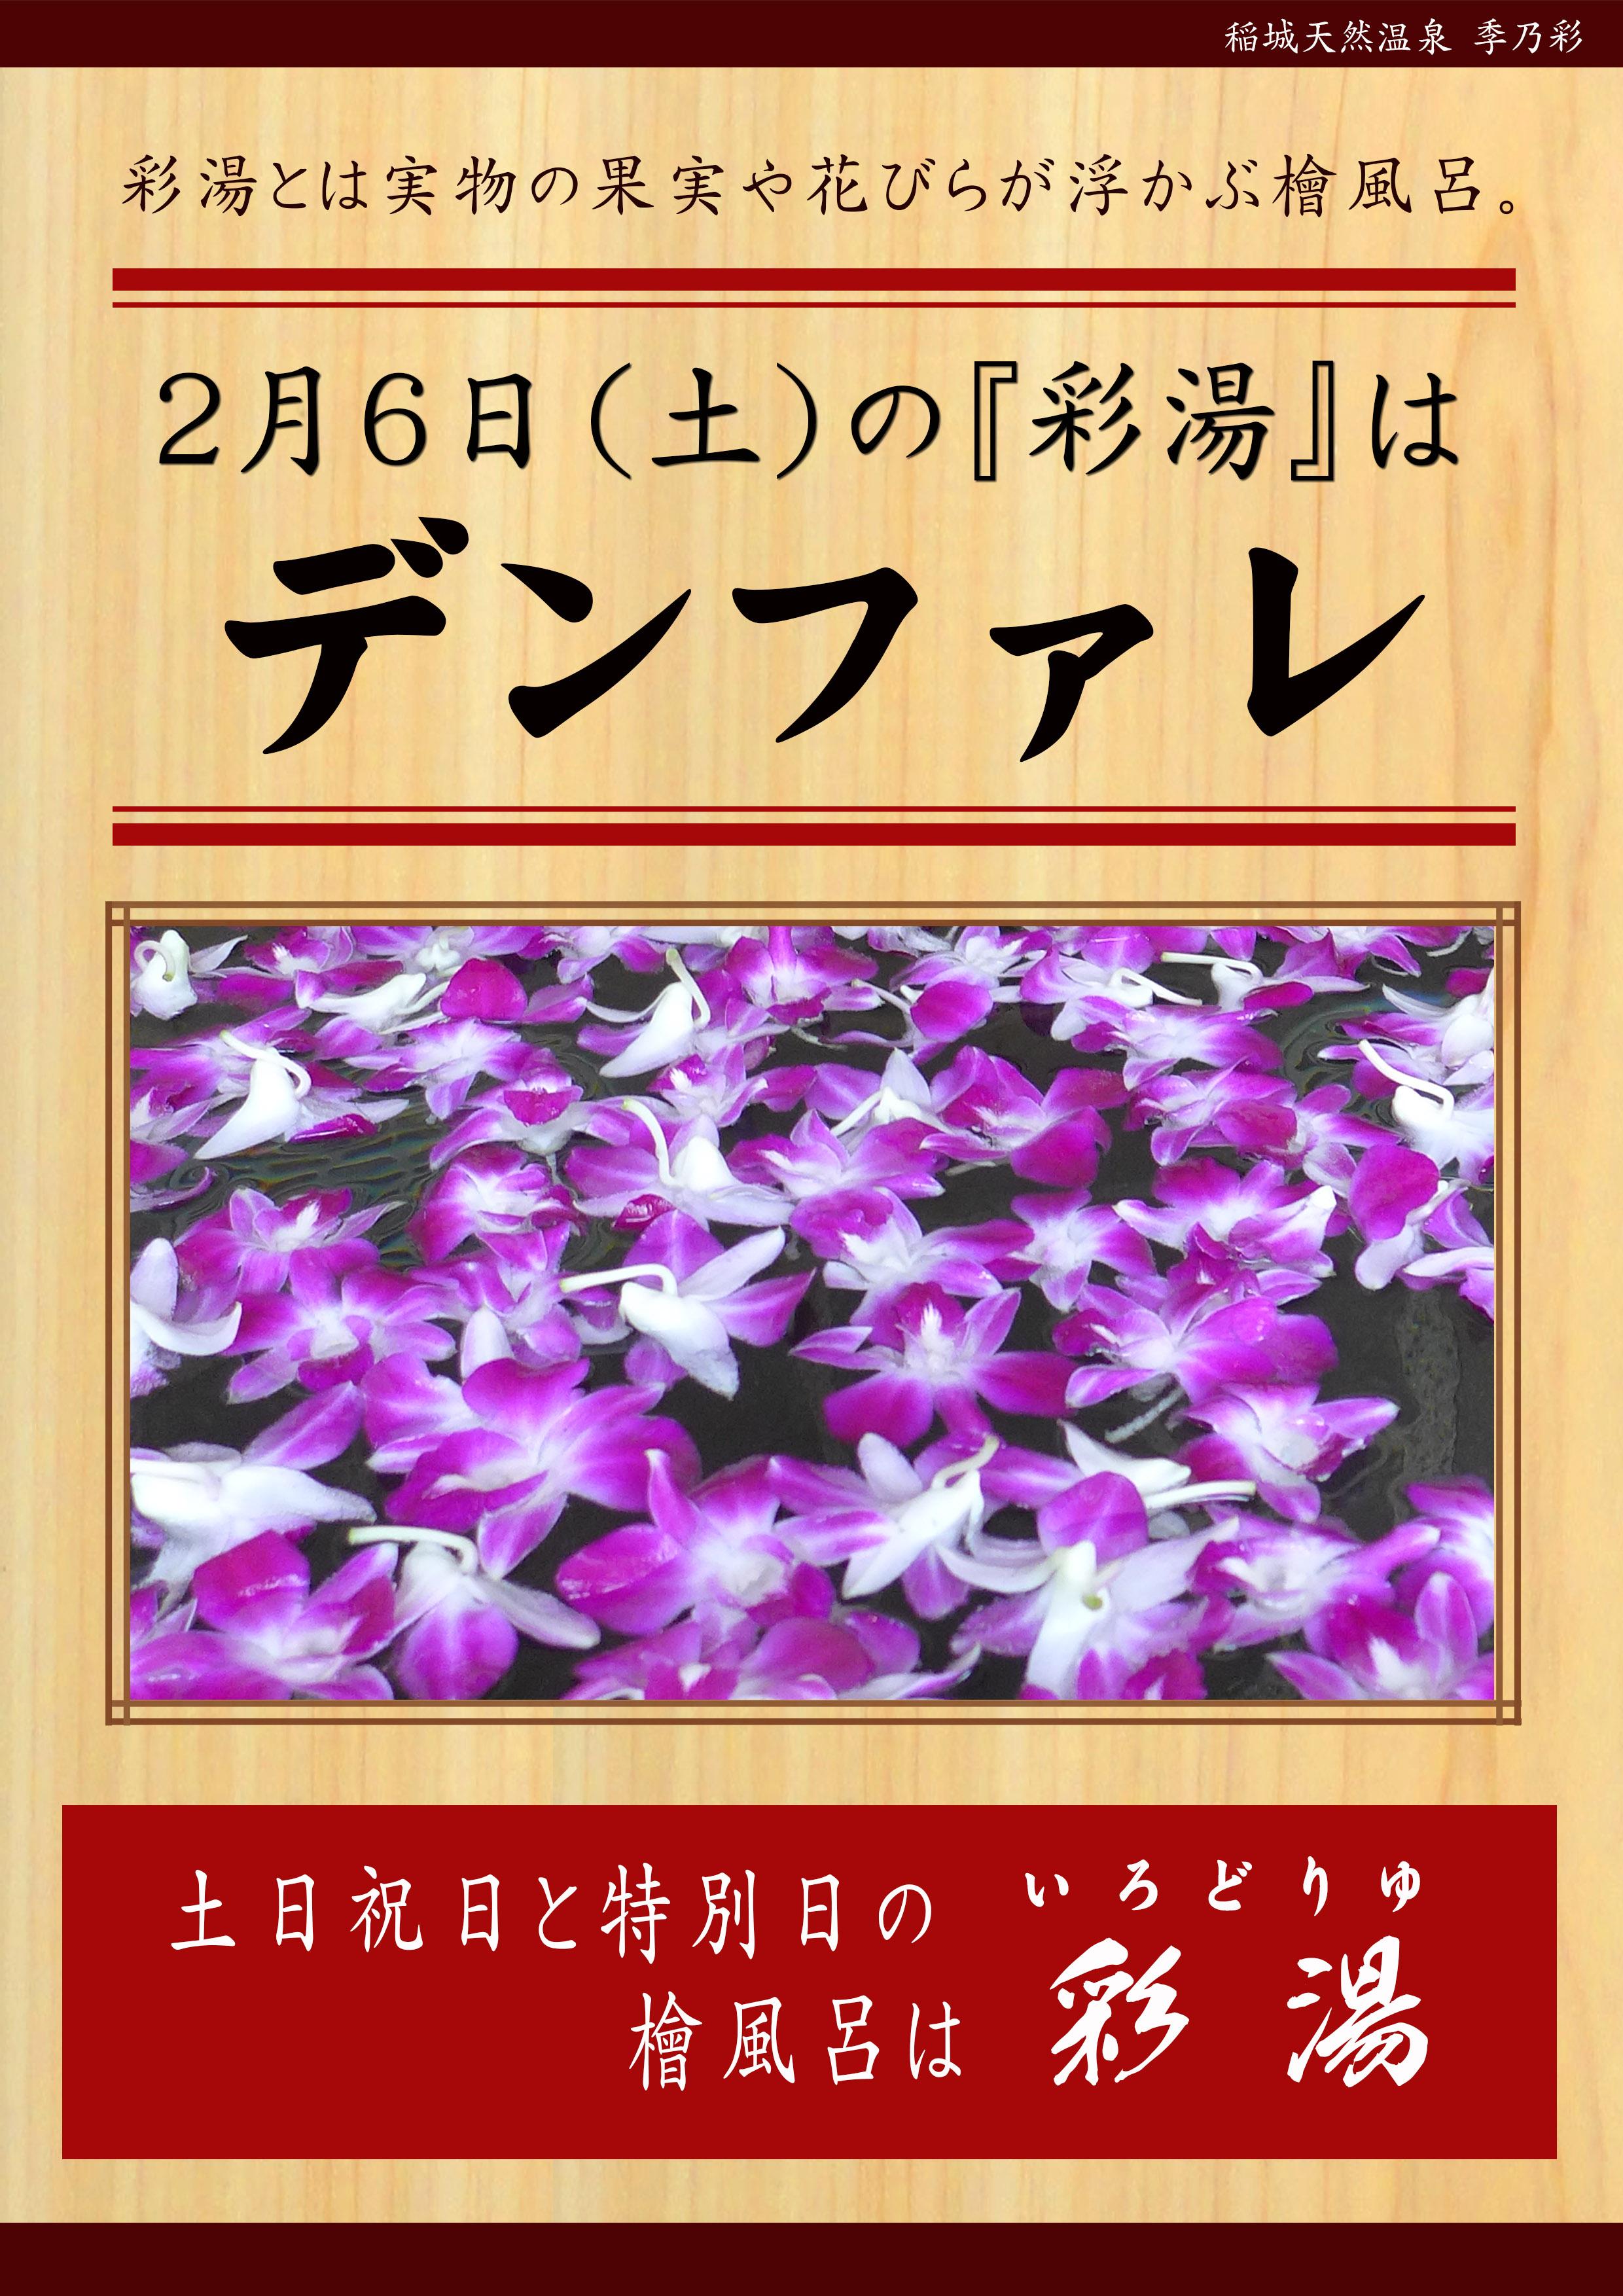 0206男女湯 デンファレ